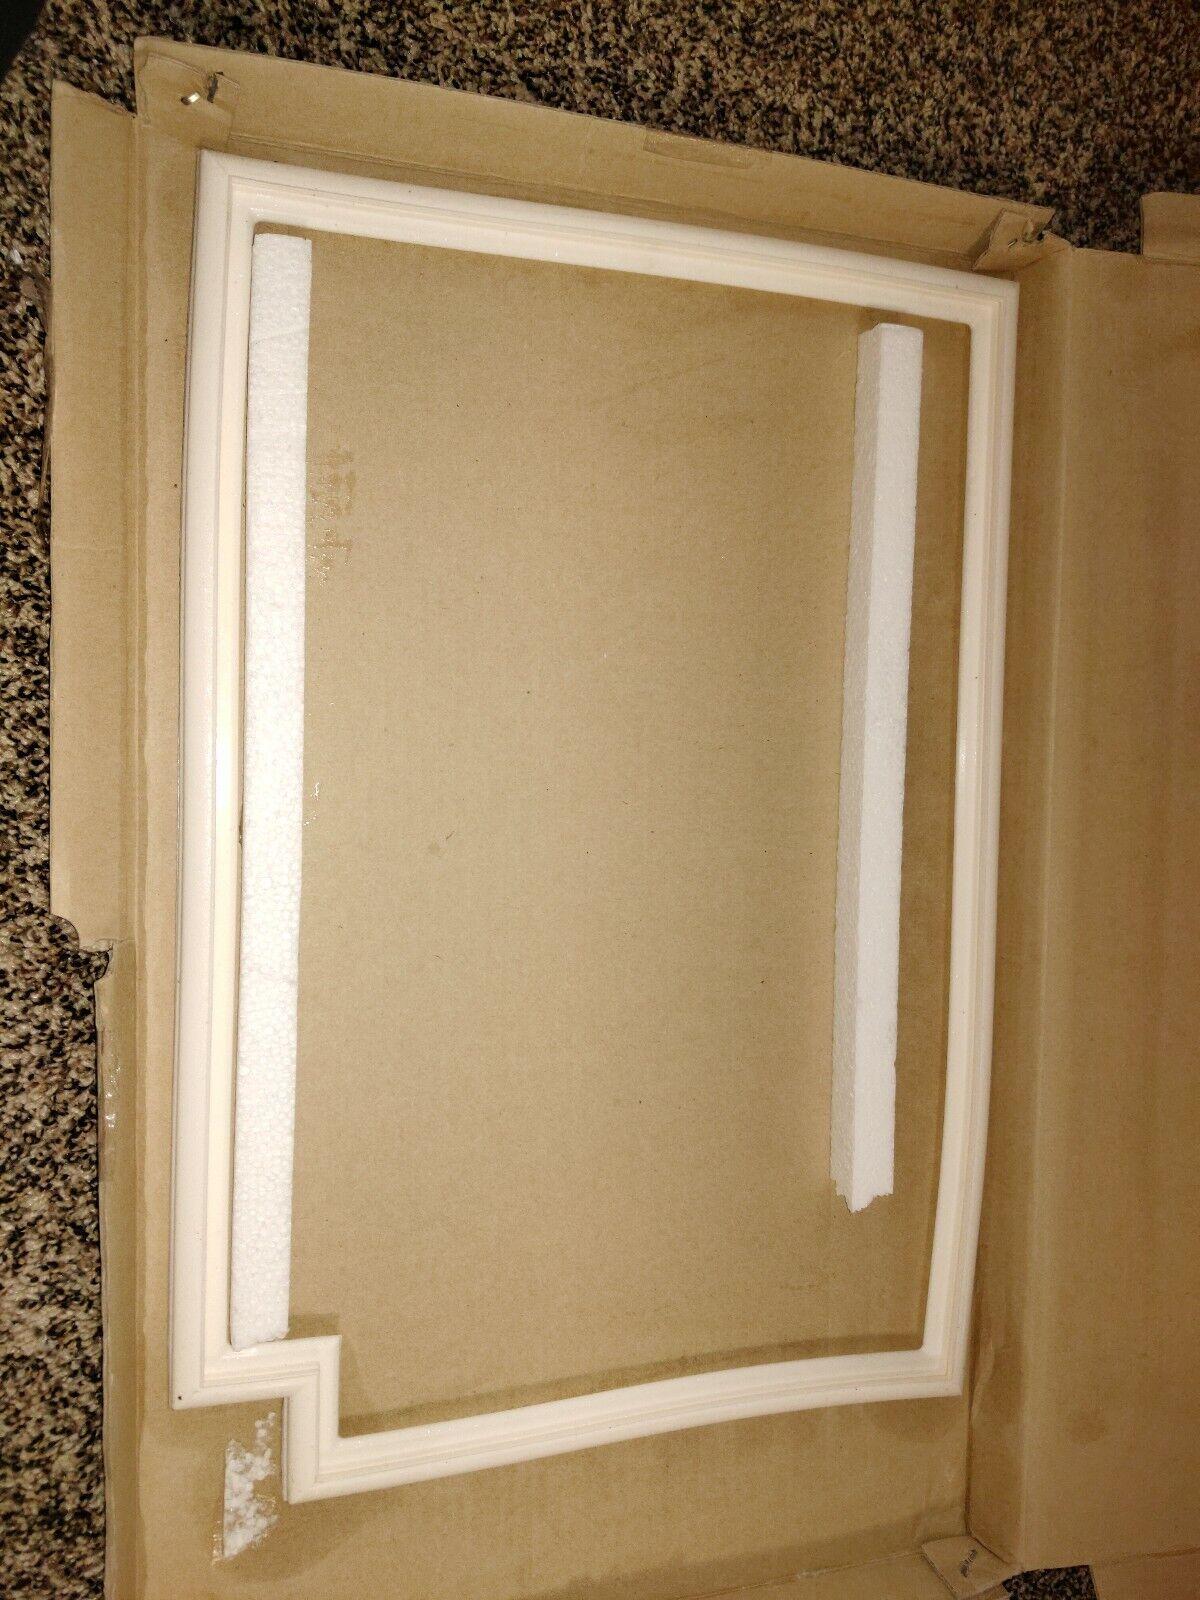 ADX52752642 For LG Refrigerator Door Gasket